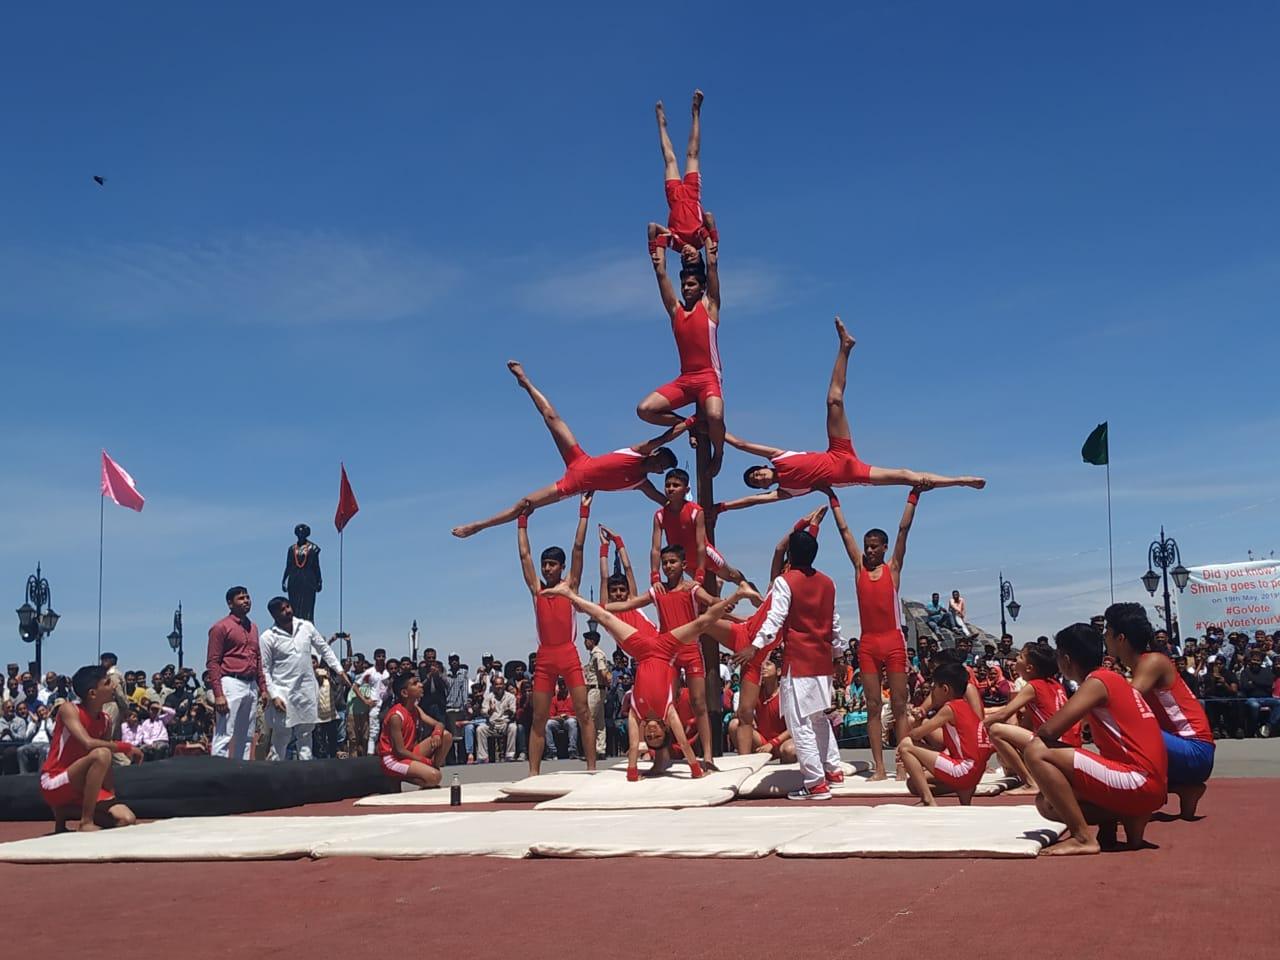 हिमाचल प्रदेश के किसी राज्य स्तरीय समारोह में पहली बार मलखम्ब का भी प्रदर्शन किया गया. आज हिमाचल दिवस पर शिमला के ऐतिहासिक रिज मैदान में आयोजित राज्य स्तरीय समारोह में गुरुकुल कुरुक्षेत्र के लगभग 47 विद्यार्थी अपने कौशल का प्रदर्शन किया.